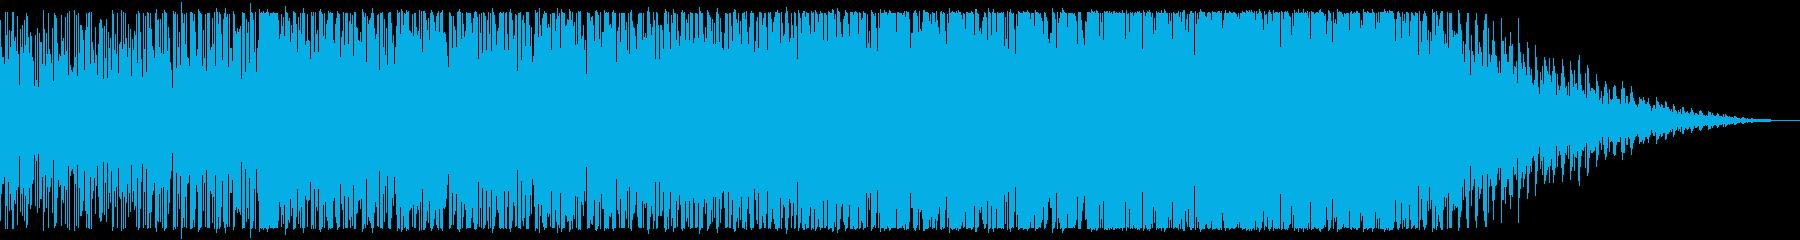 爽やか/ピアノハウス_No440_3の再生済みの波形